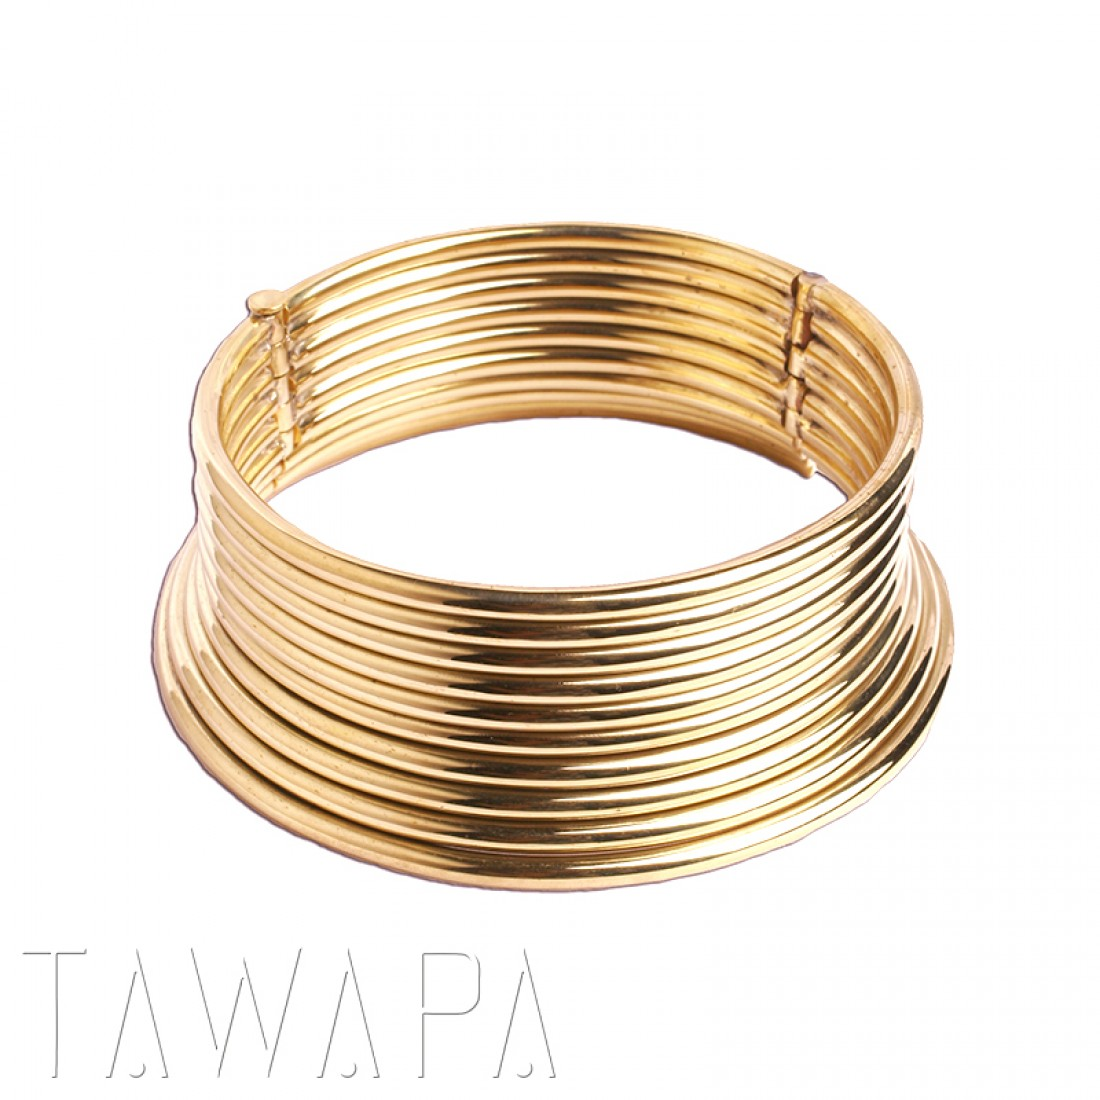 Tawapa - Halsband i mässing - karen